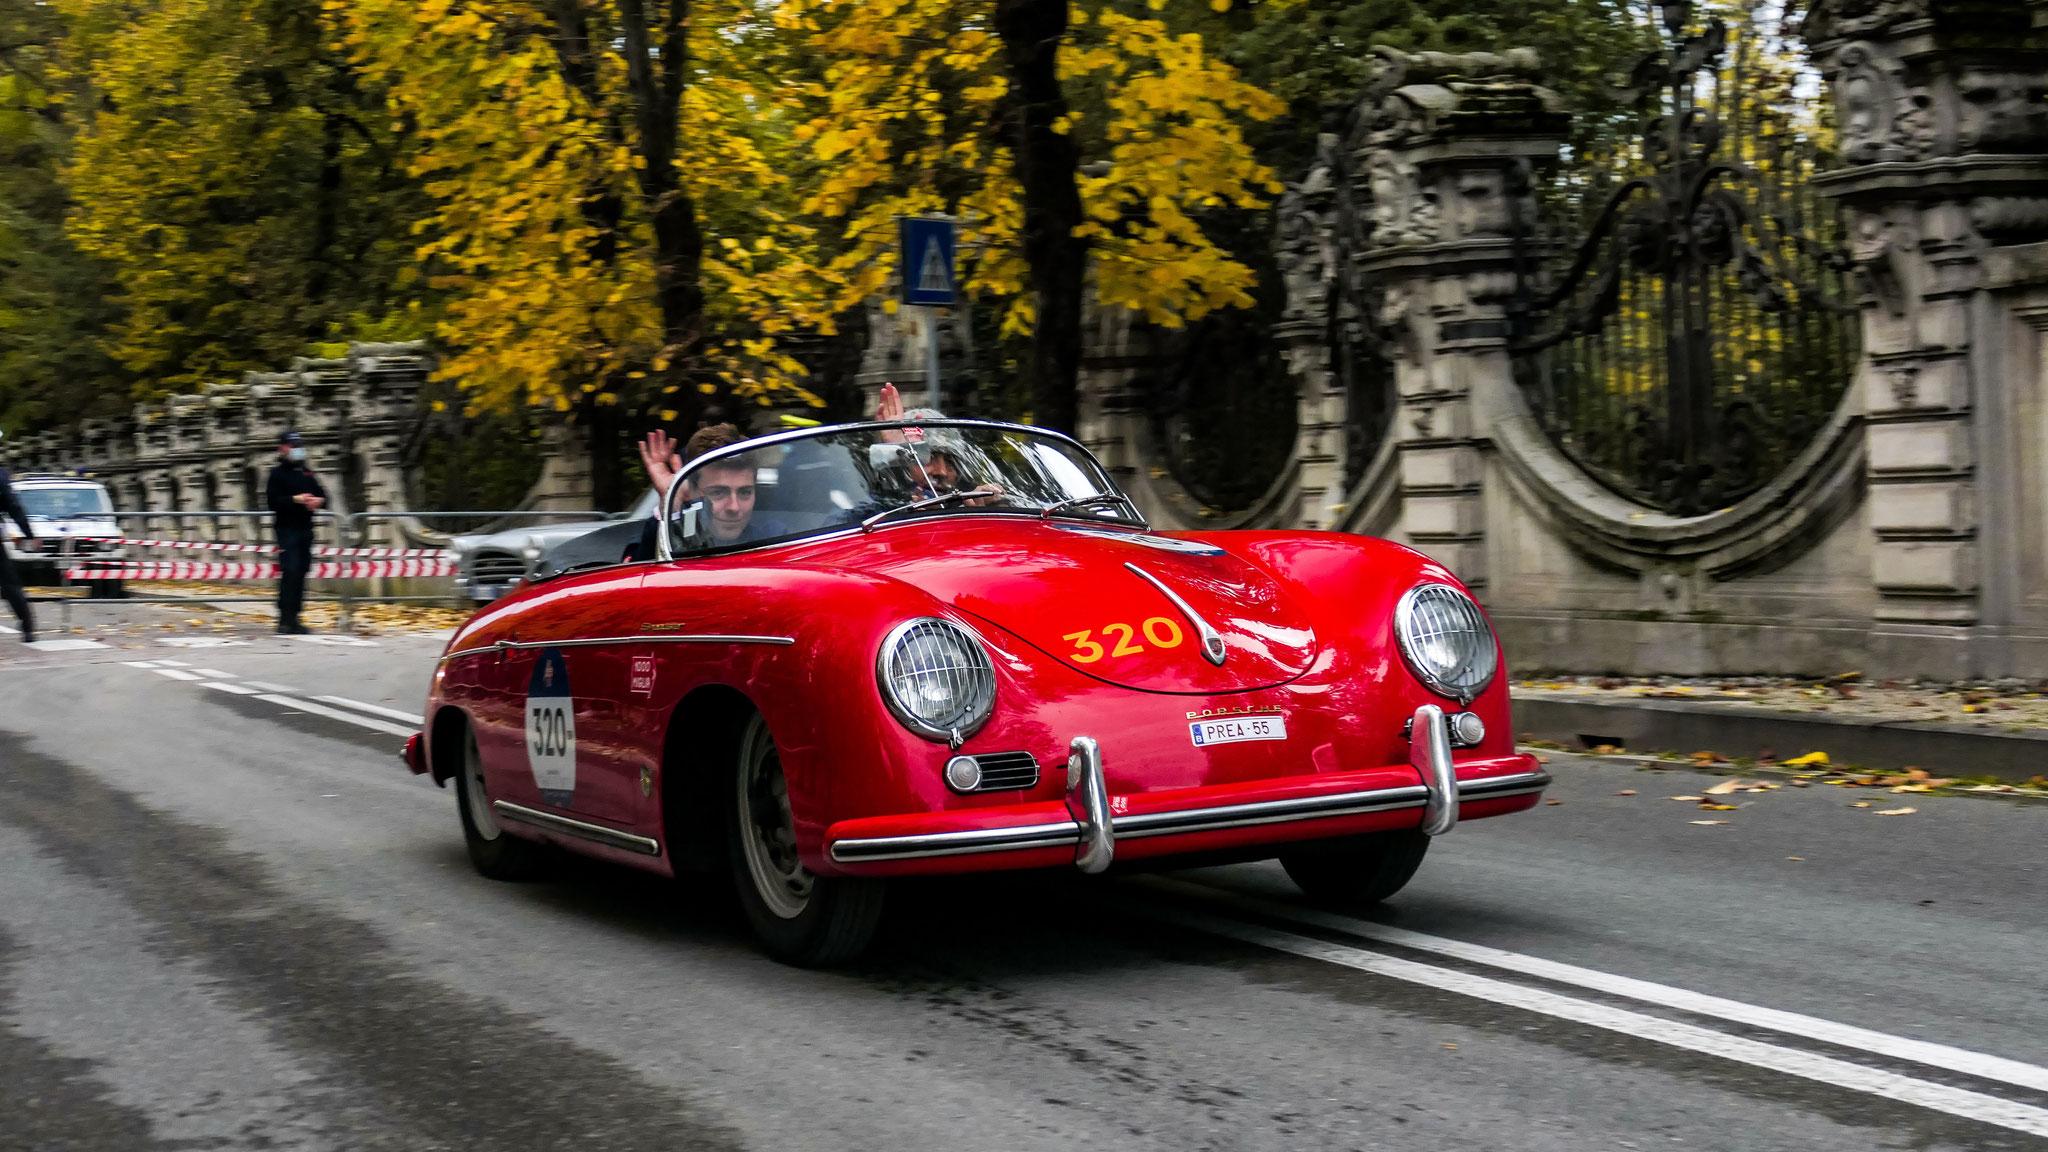 Porsche 356 Speedster - PREA-55 (BEL)